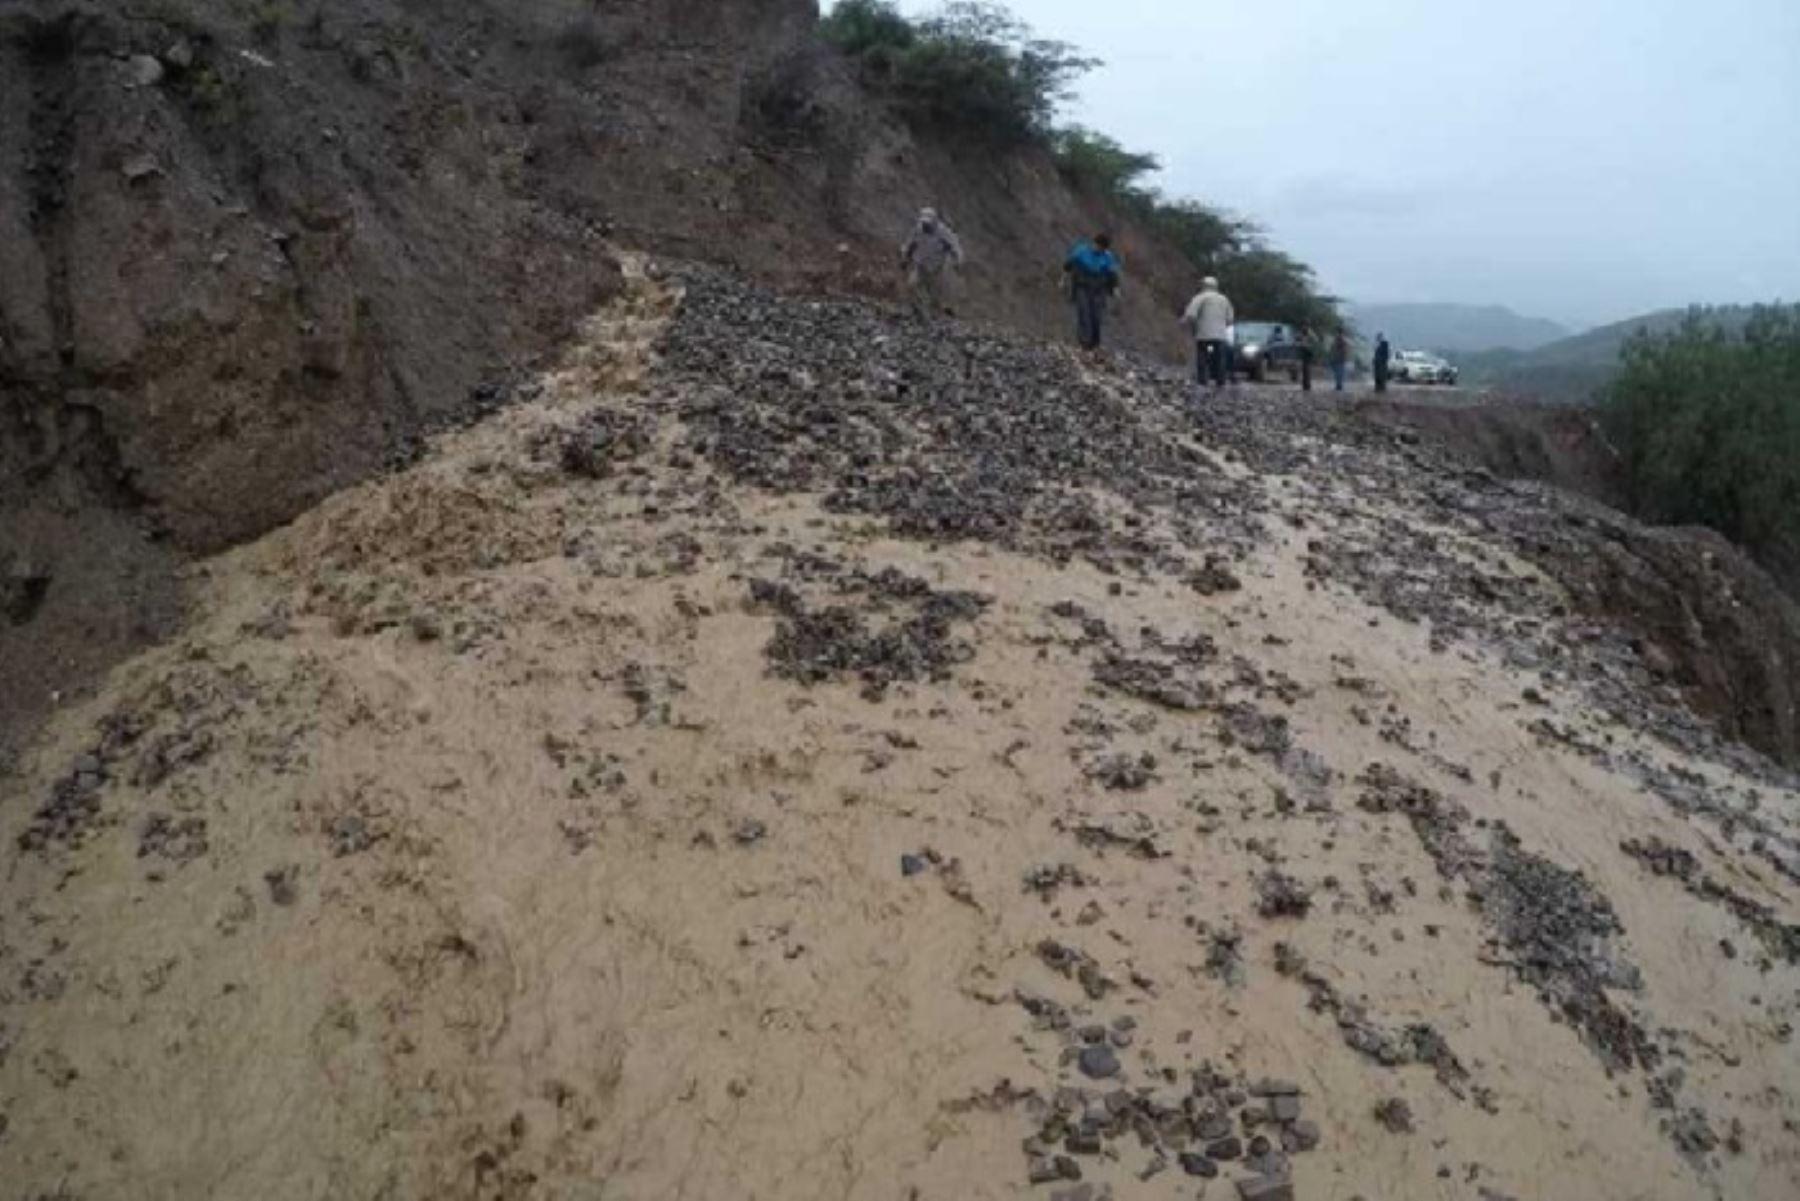 Lluvias intensas provocaron el colapso de por lo menos 50 metros lineales de la plataforma en la vía Conchucos – Pampas, en el distrito de Conchucos, provincia de Pallasca, región Áncash.